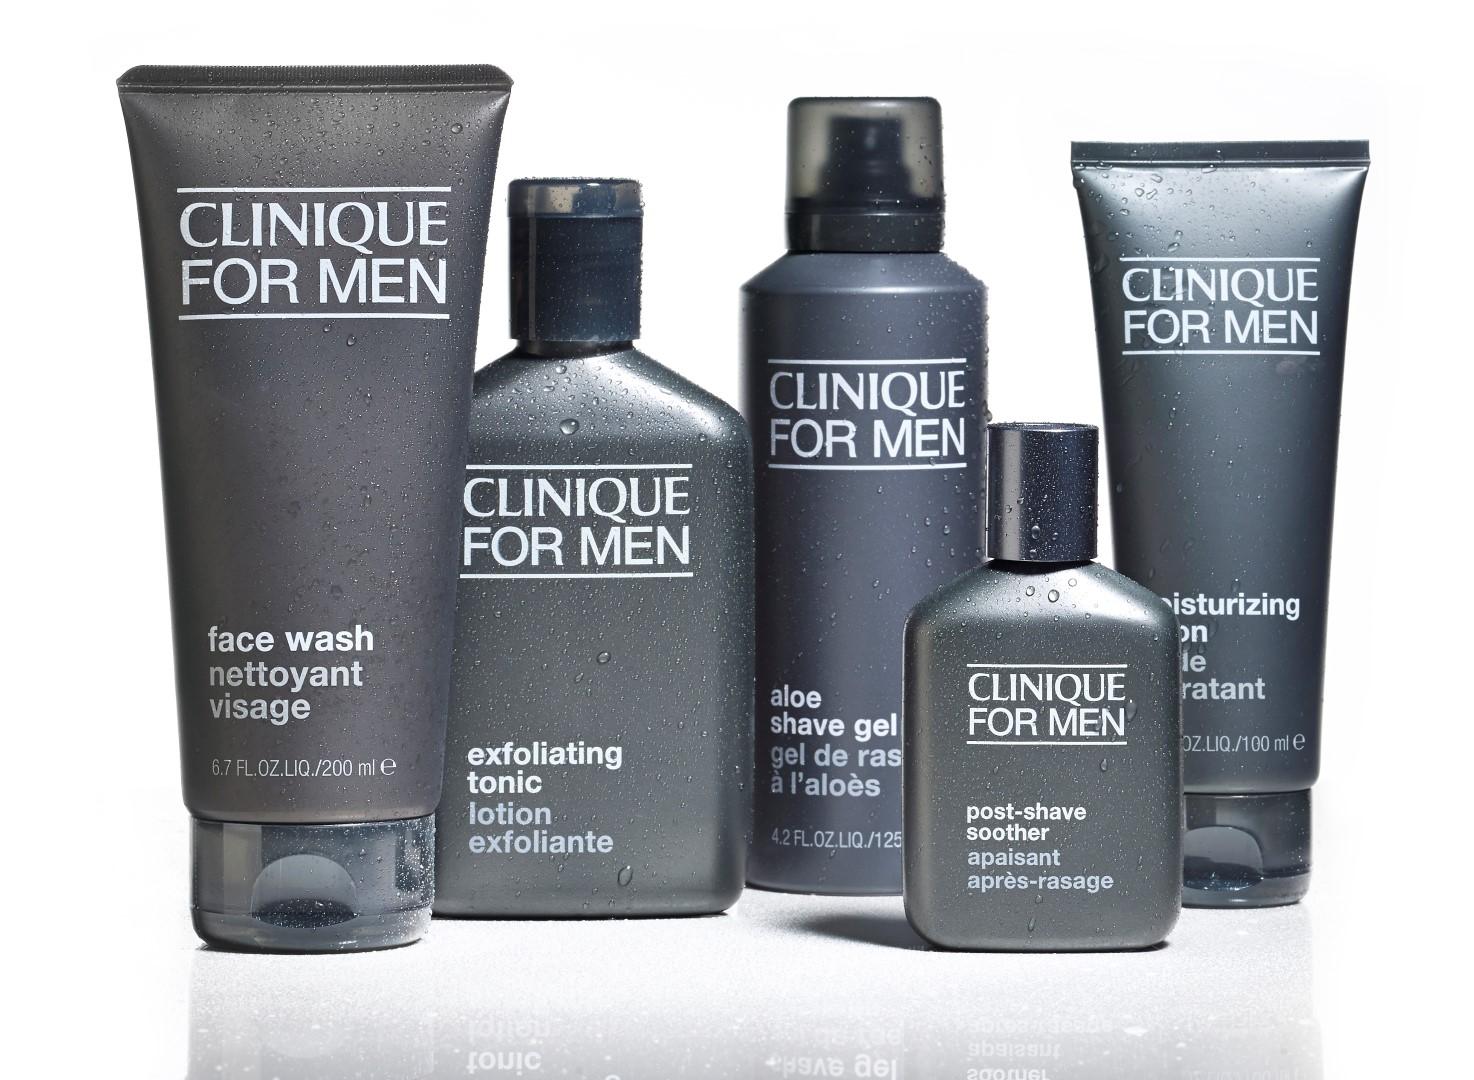 conj-clinique-for-men-large